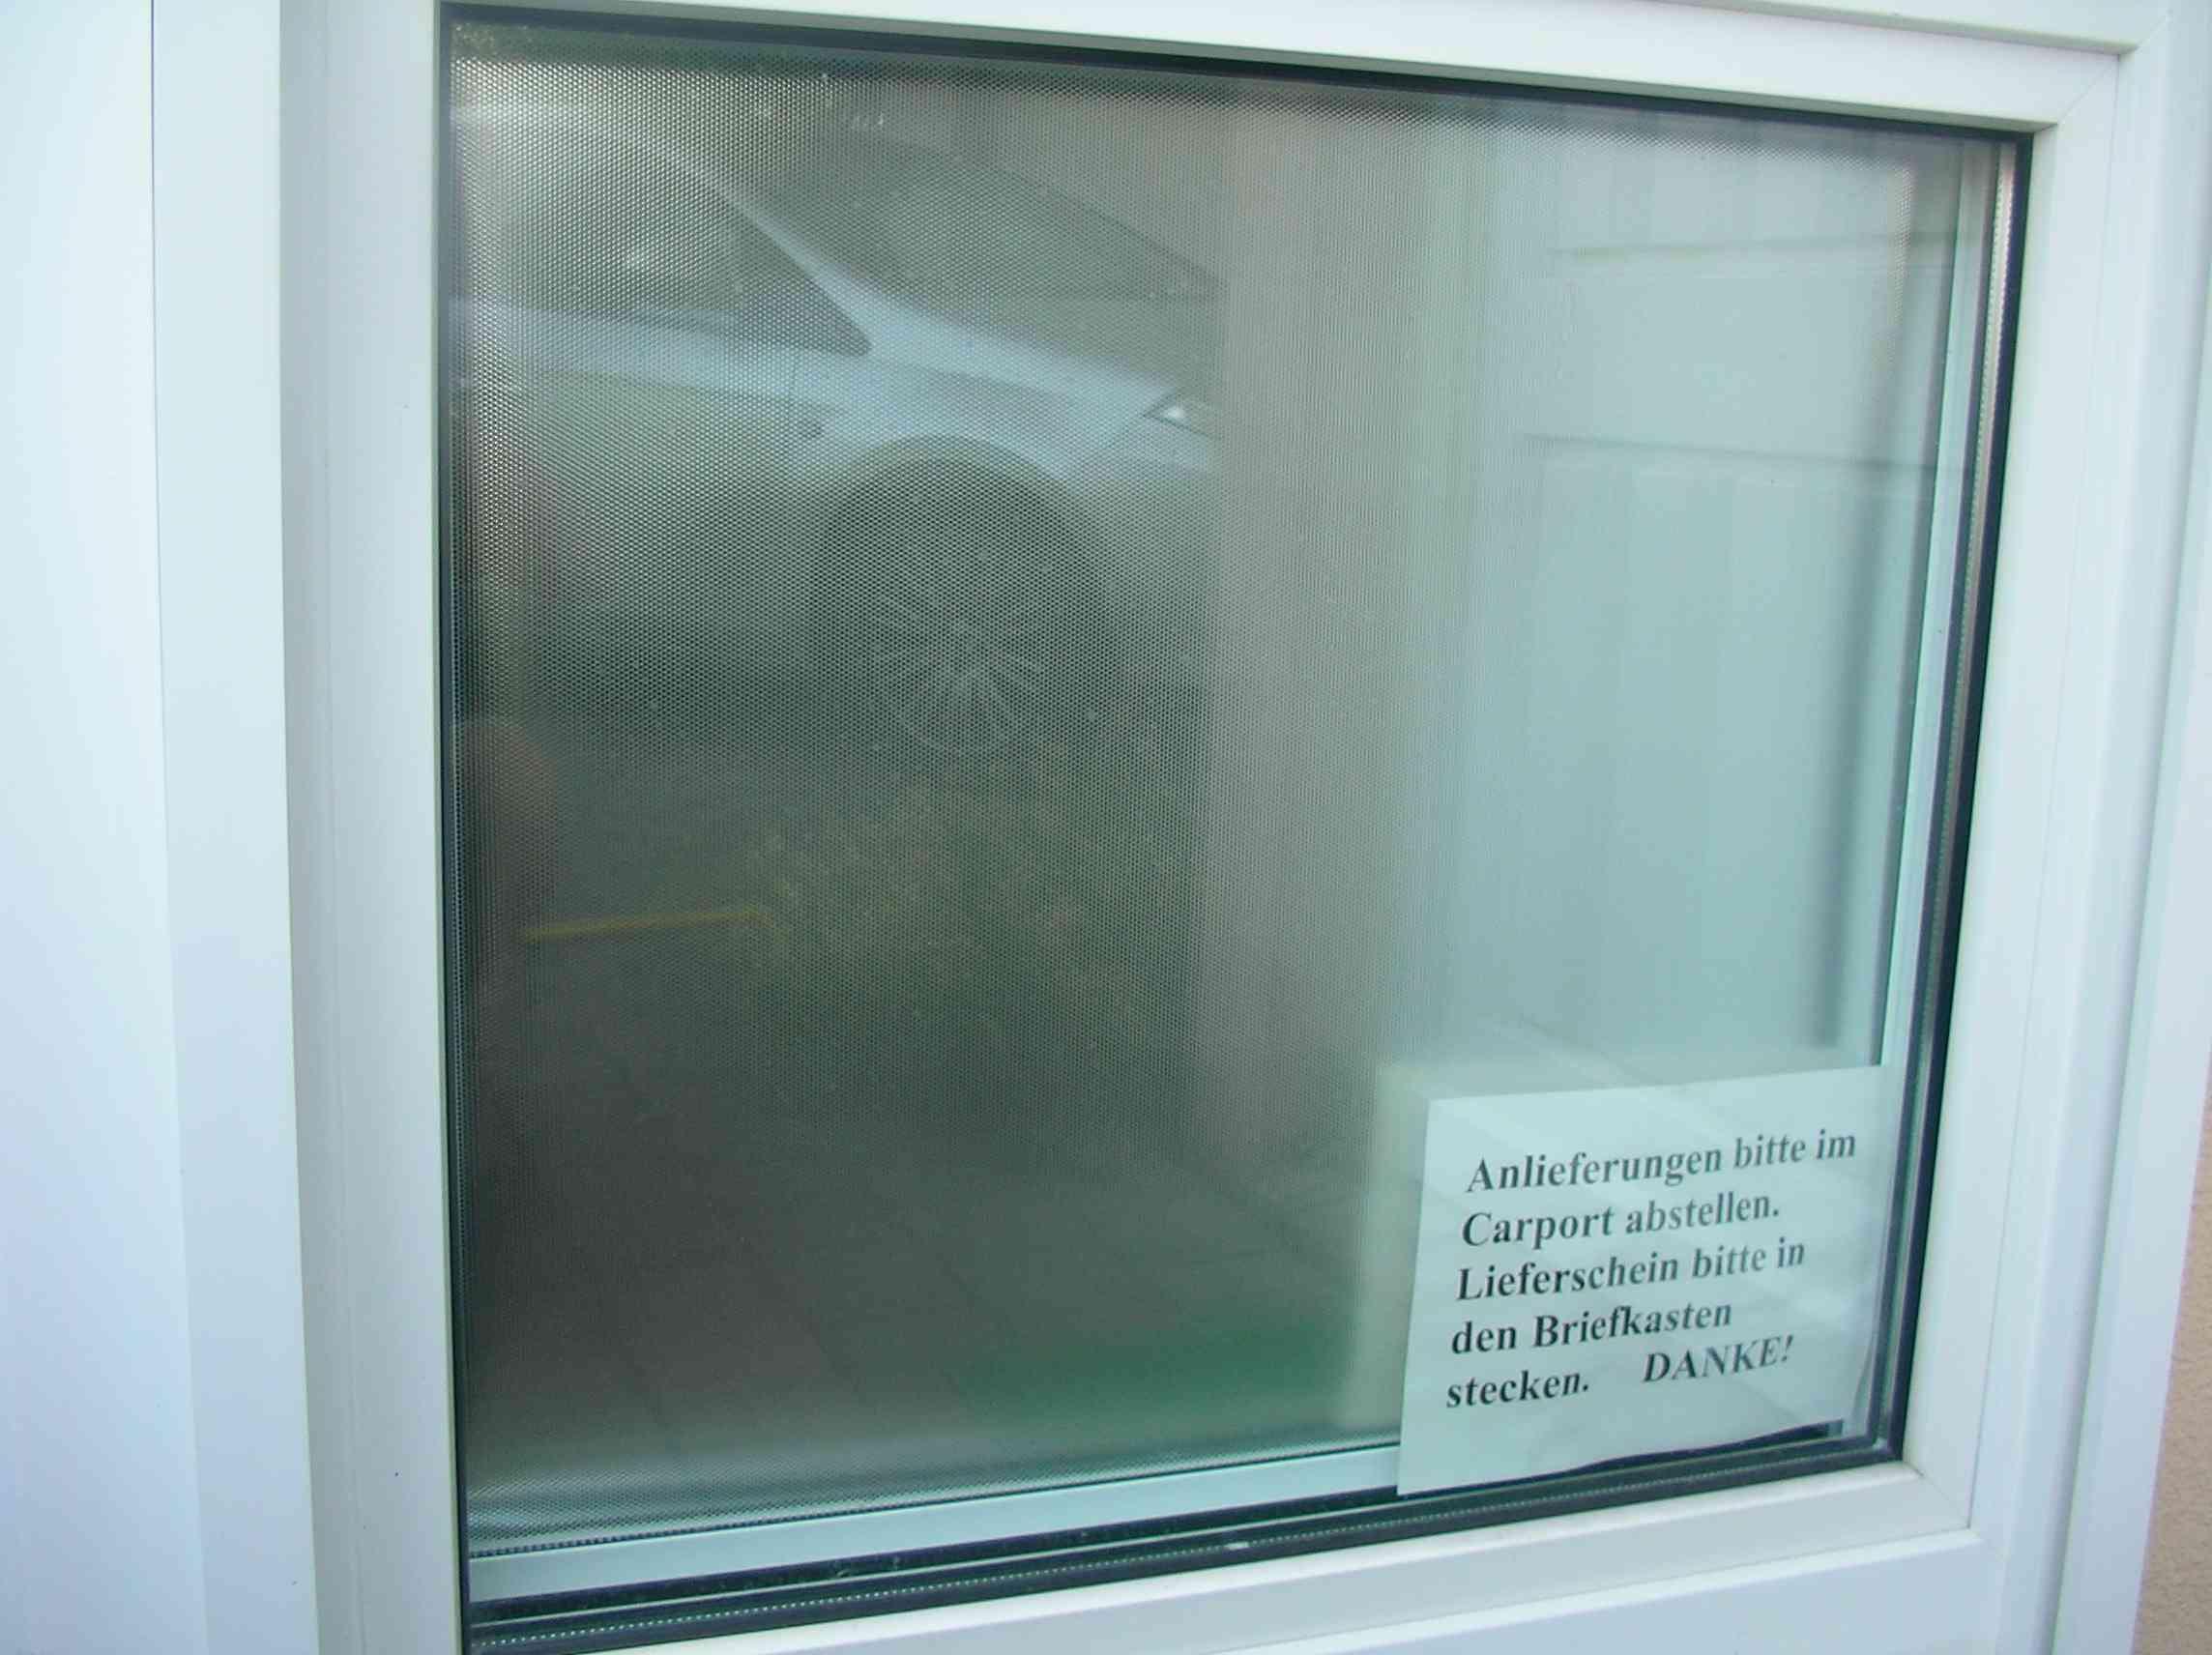 Full Size of Fenster Sonnenschutz Radtke Biotec Drutex Türen Kaufen In Polen Abdichten Polnische De Salamander Sicherheitsfolie Innen Einbauen Kosten Fototapete Alte Fenster Fenster Sonnenschutz